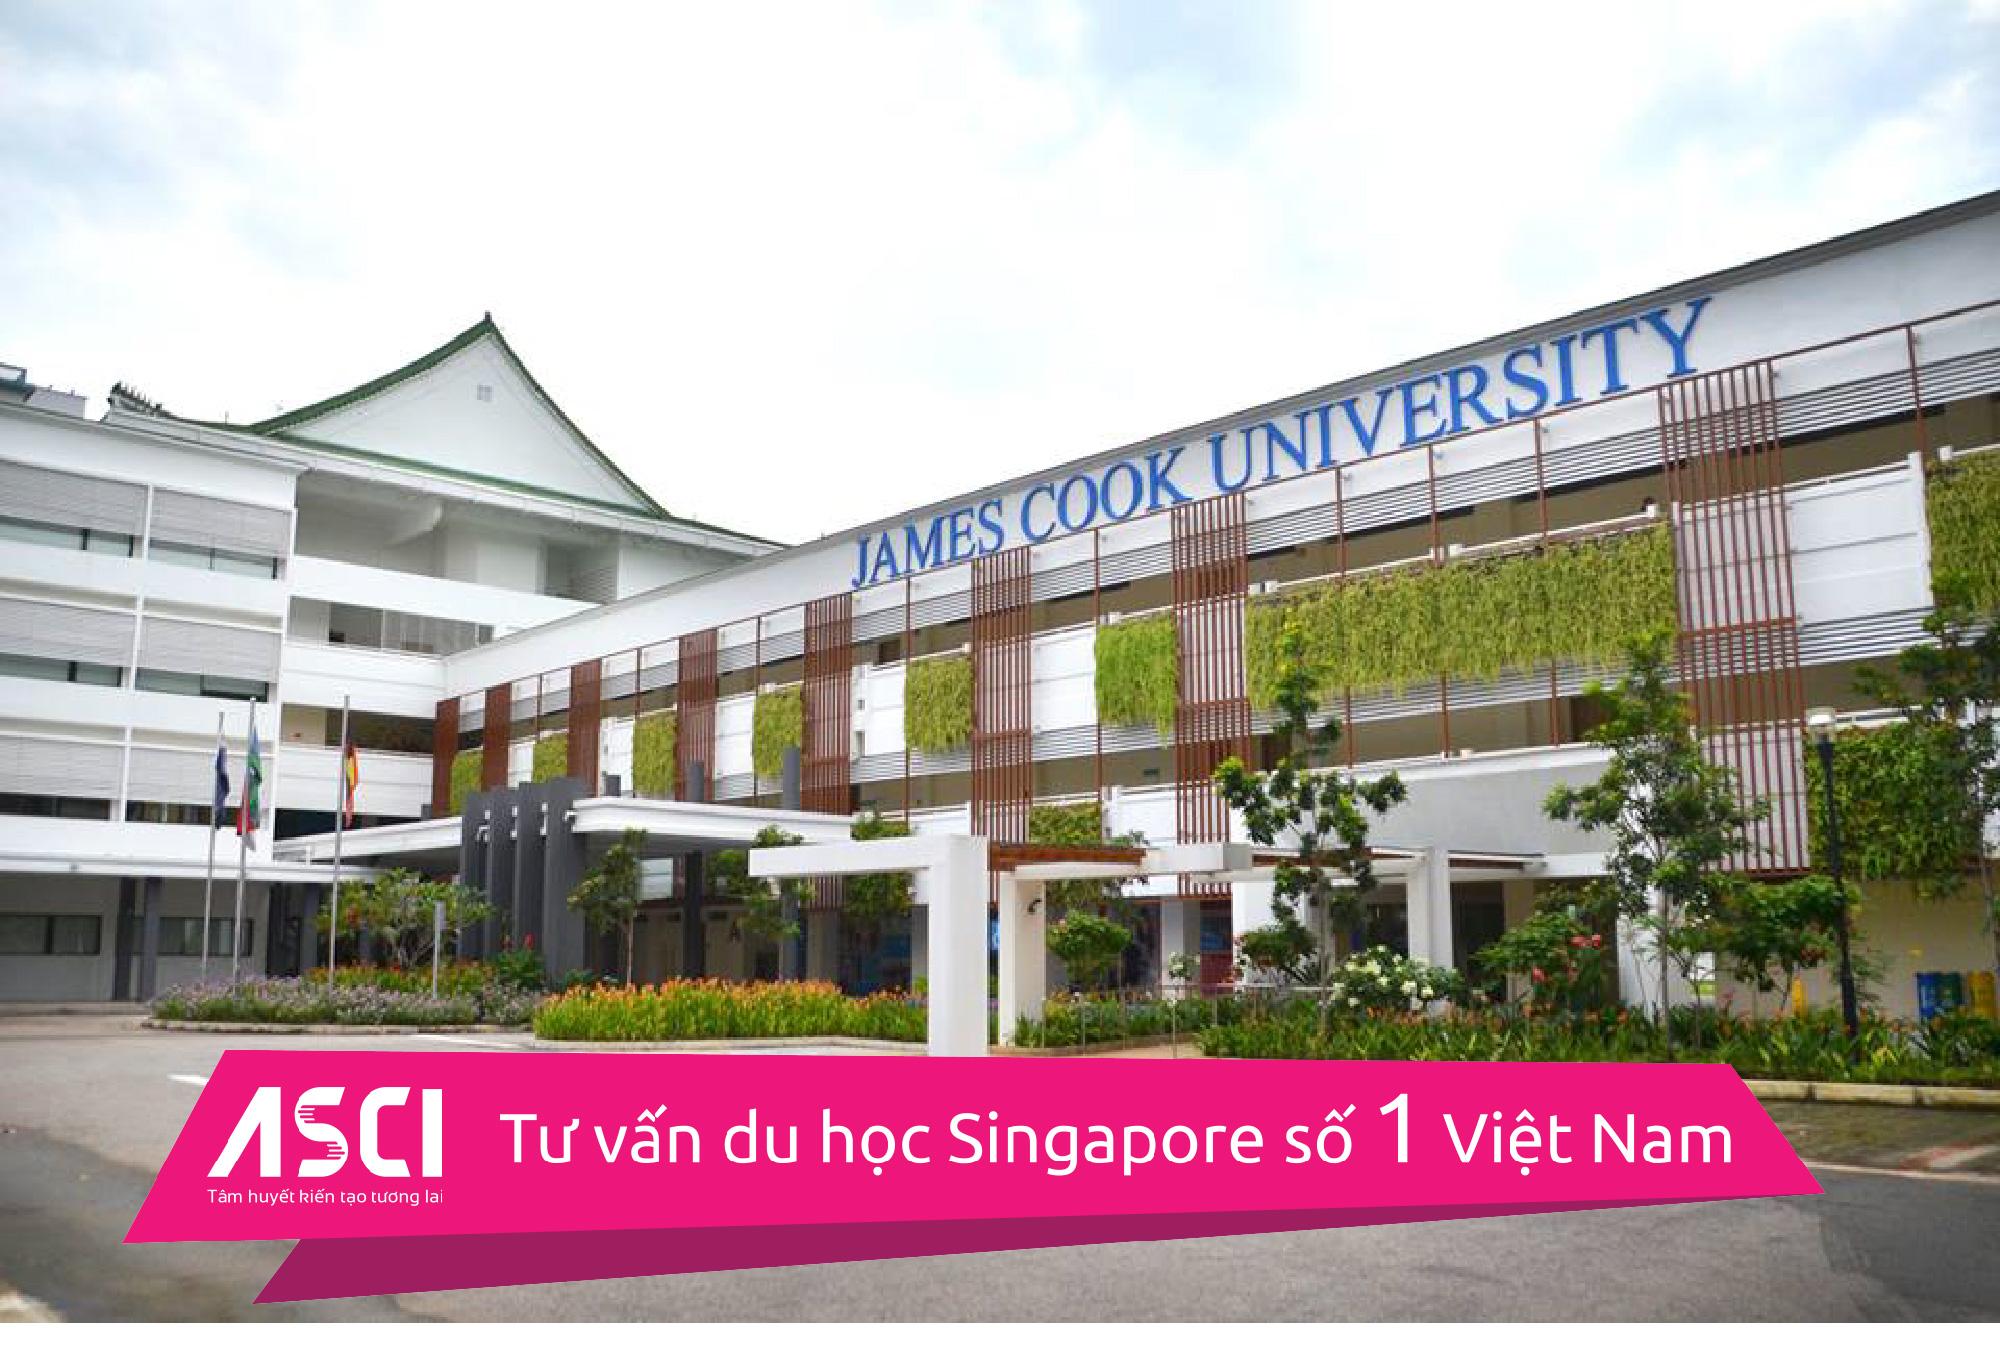 du-hoc-singapore-chuyen-tiep-uc-2